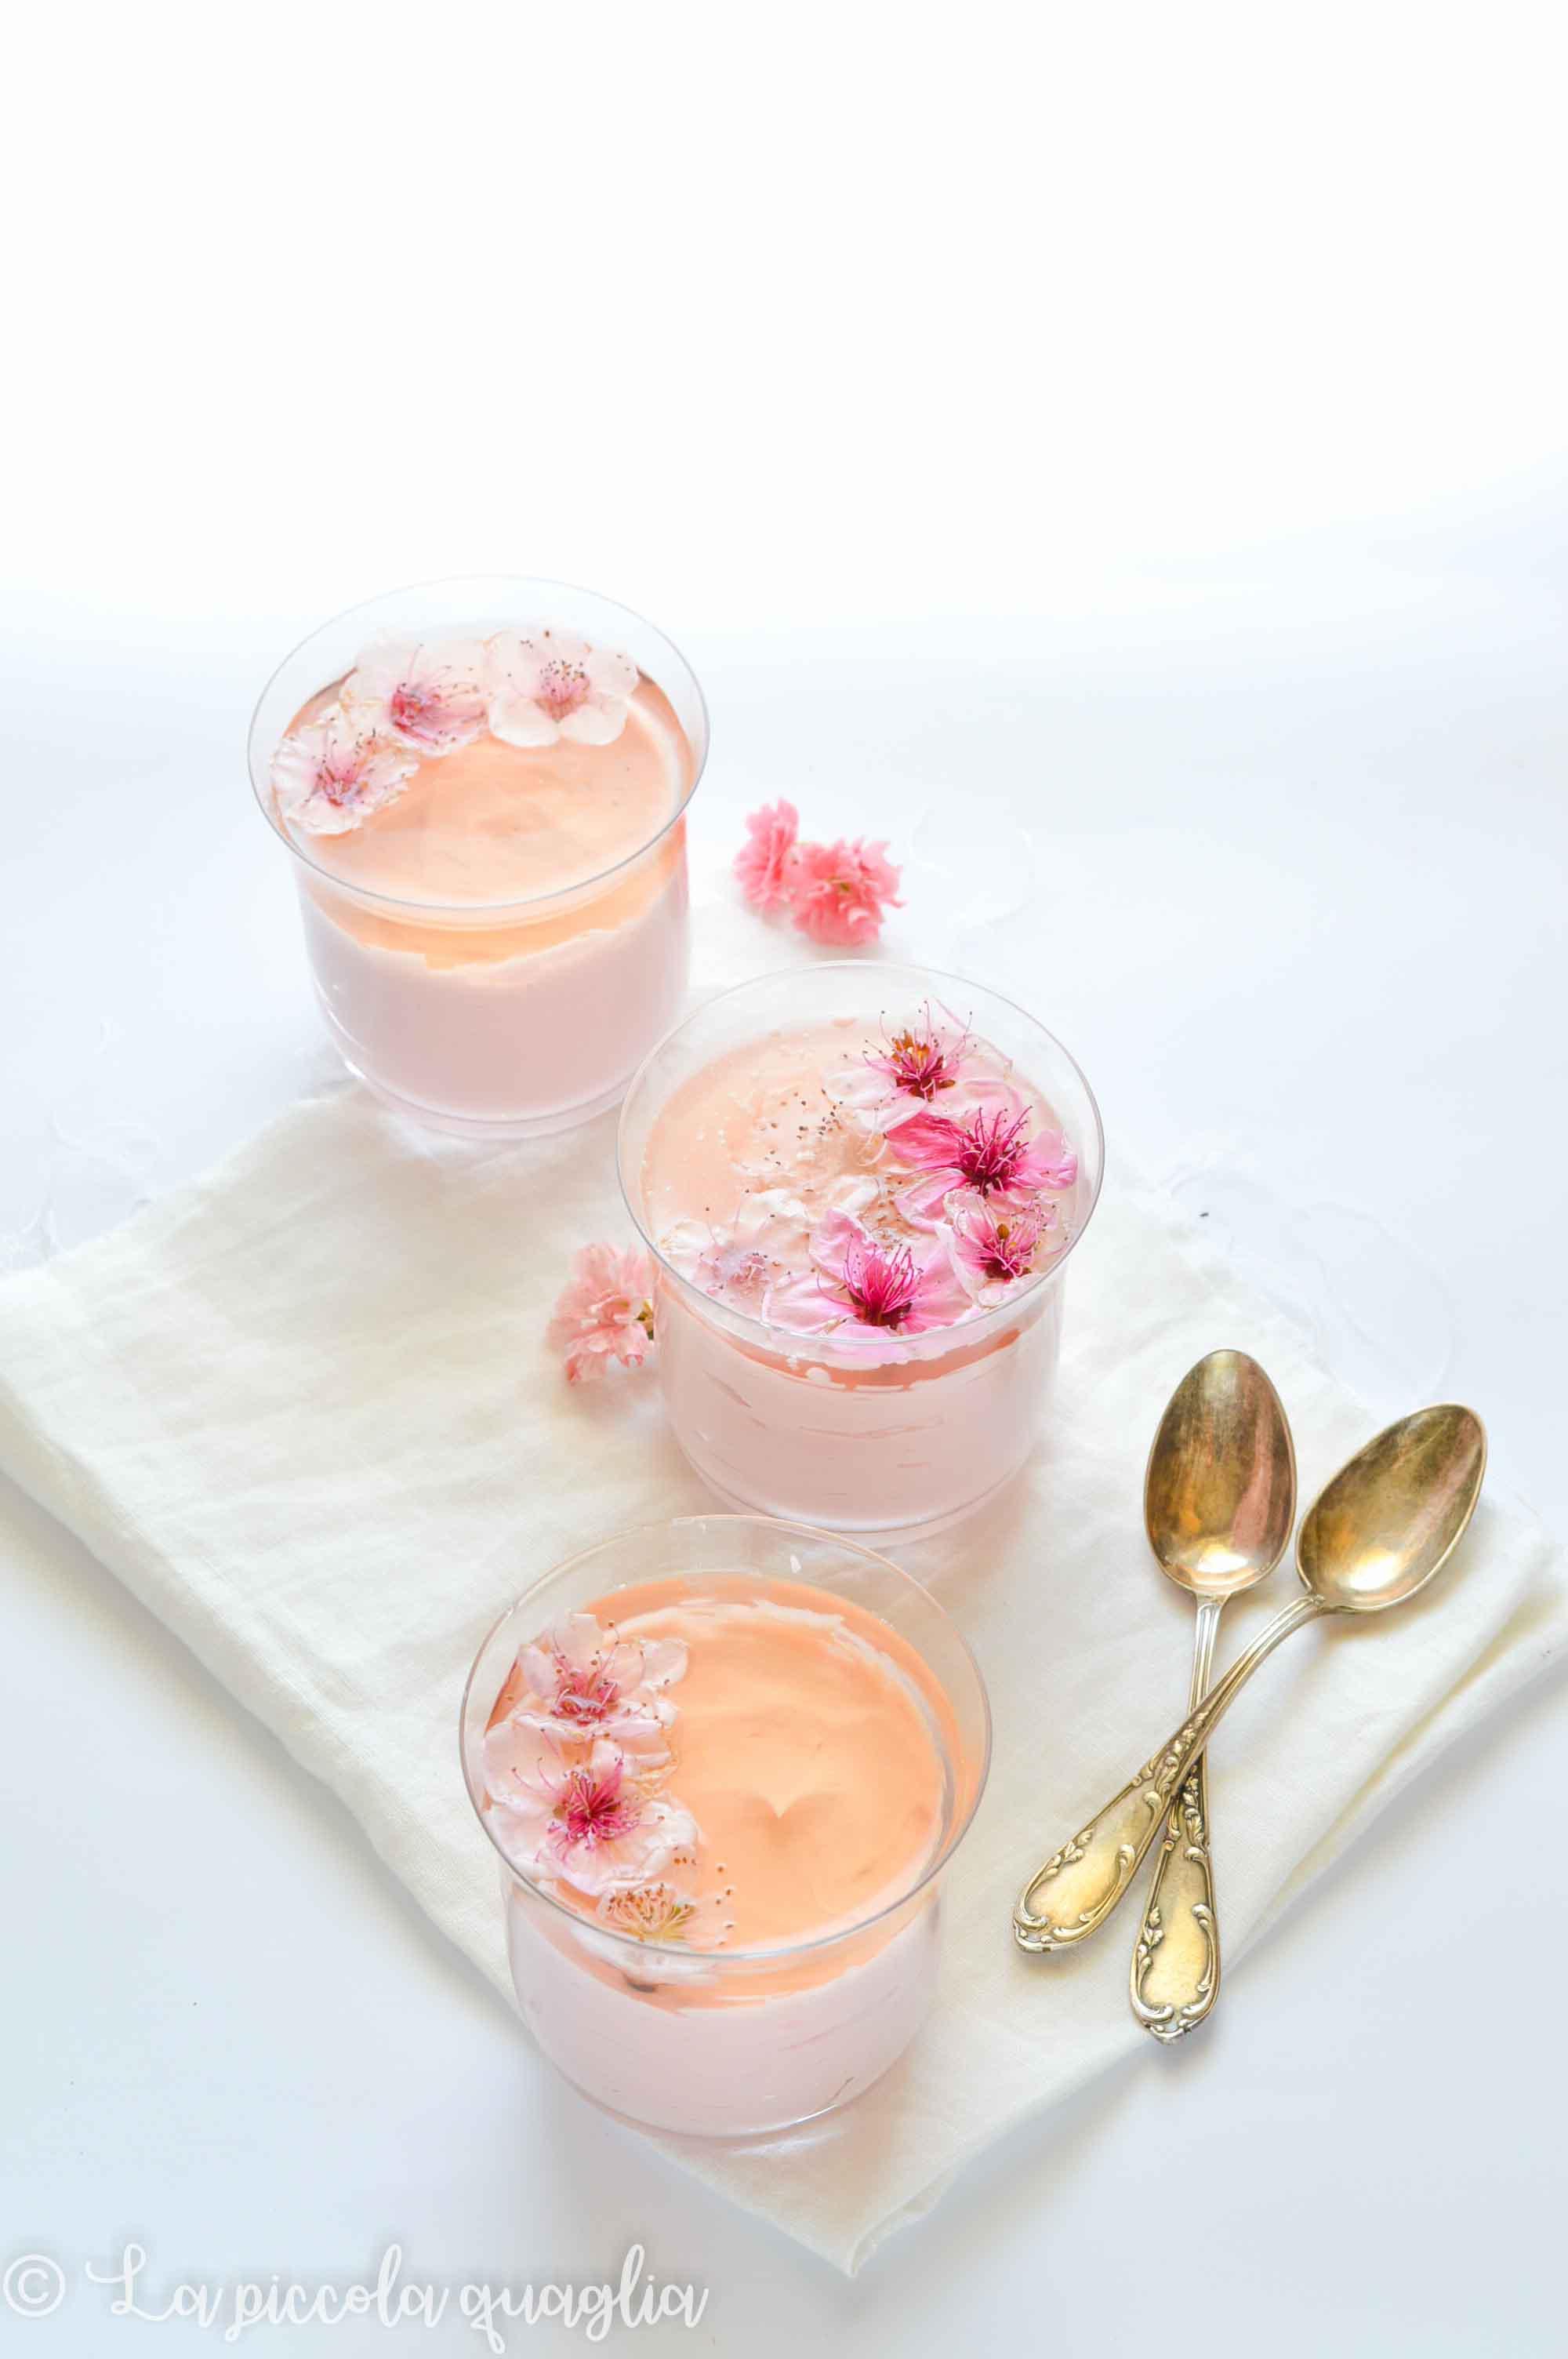 L'angolo del tè: mousse al cioccolato bianco, frutti rossi e fiori di pesco